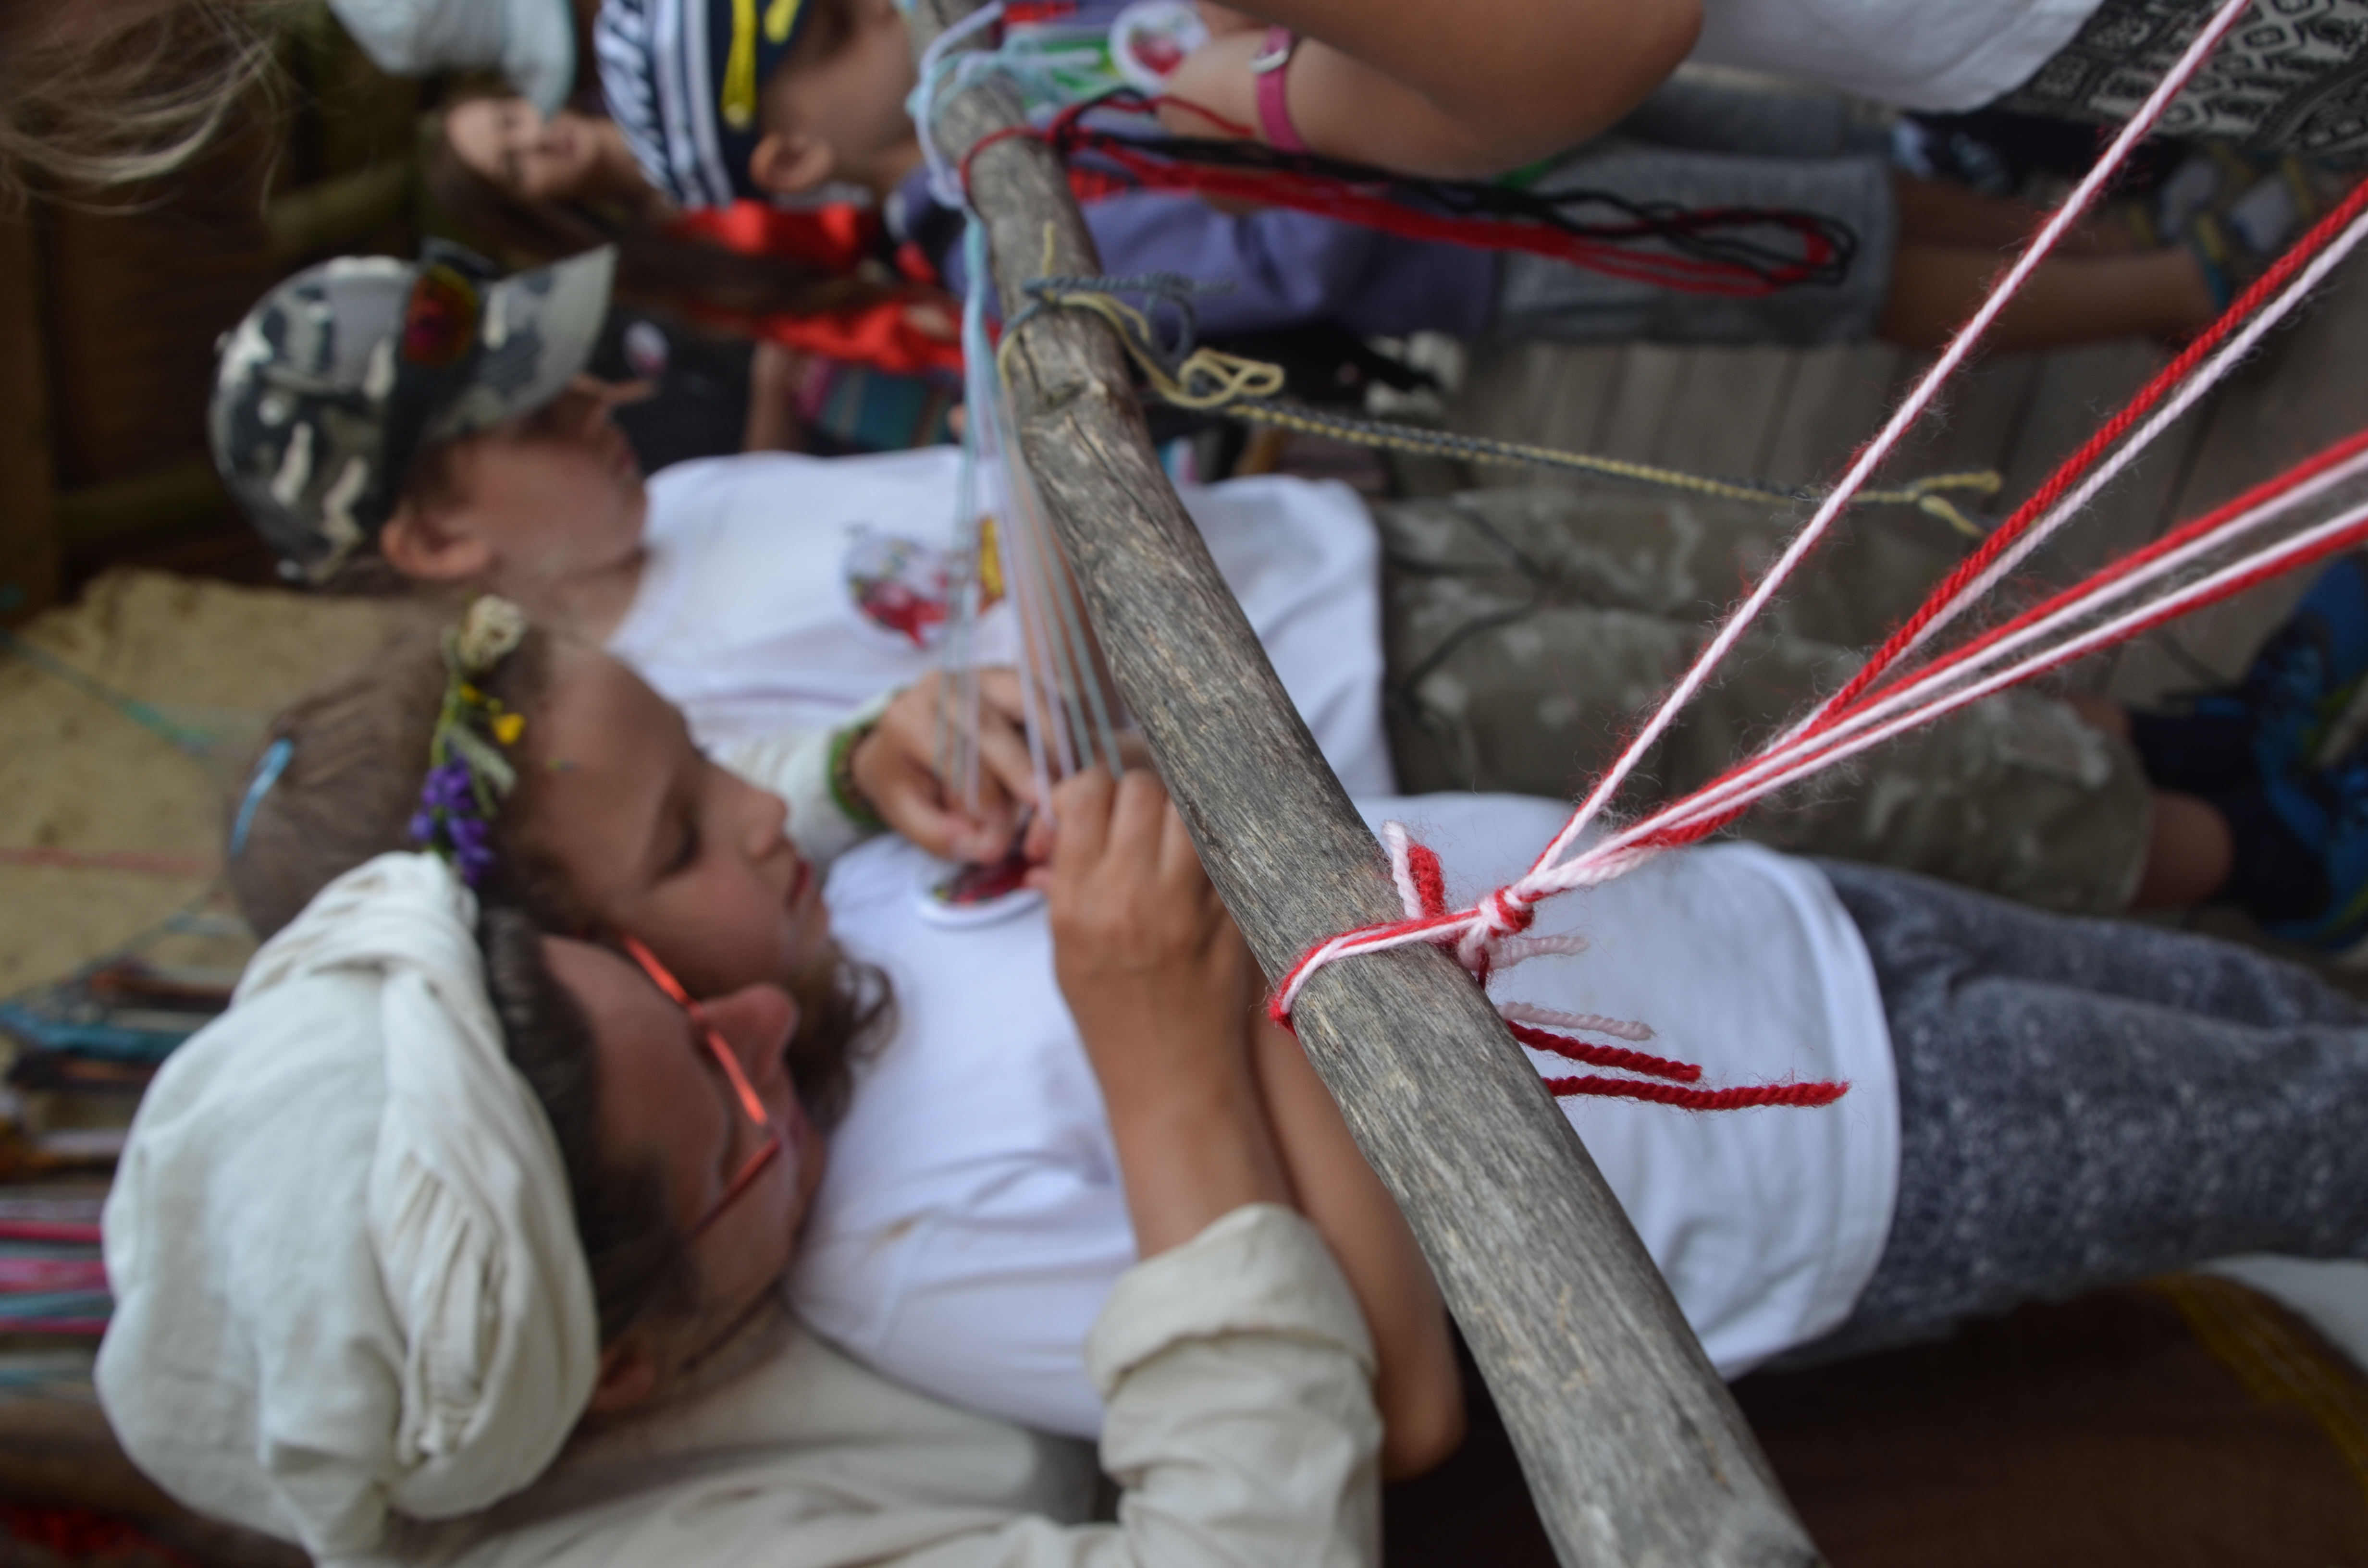 Piknik ˝Bliżej Natury - Bliżej siebie˝ wOsadzie Średniowiecznej wHucie Szklanej